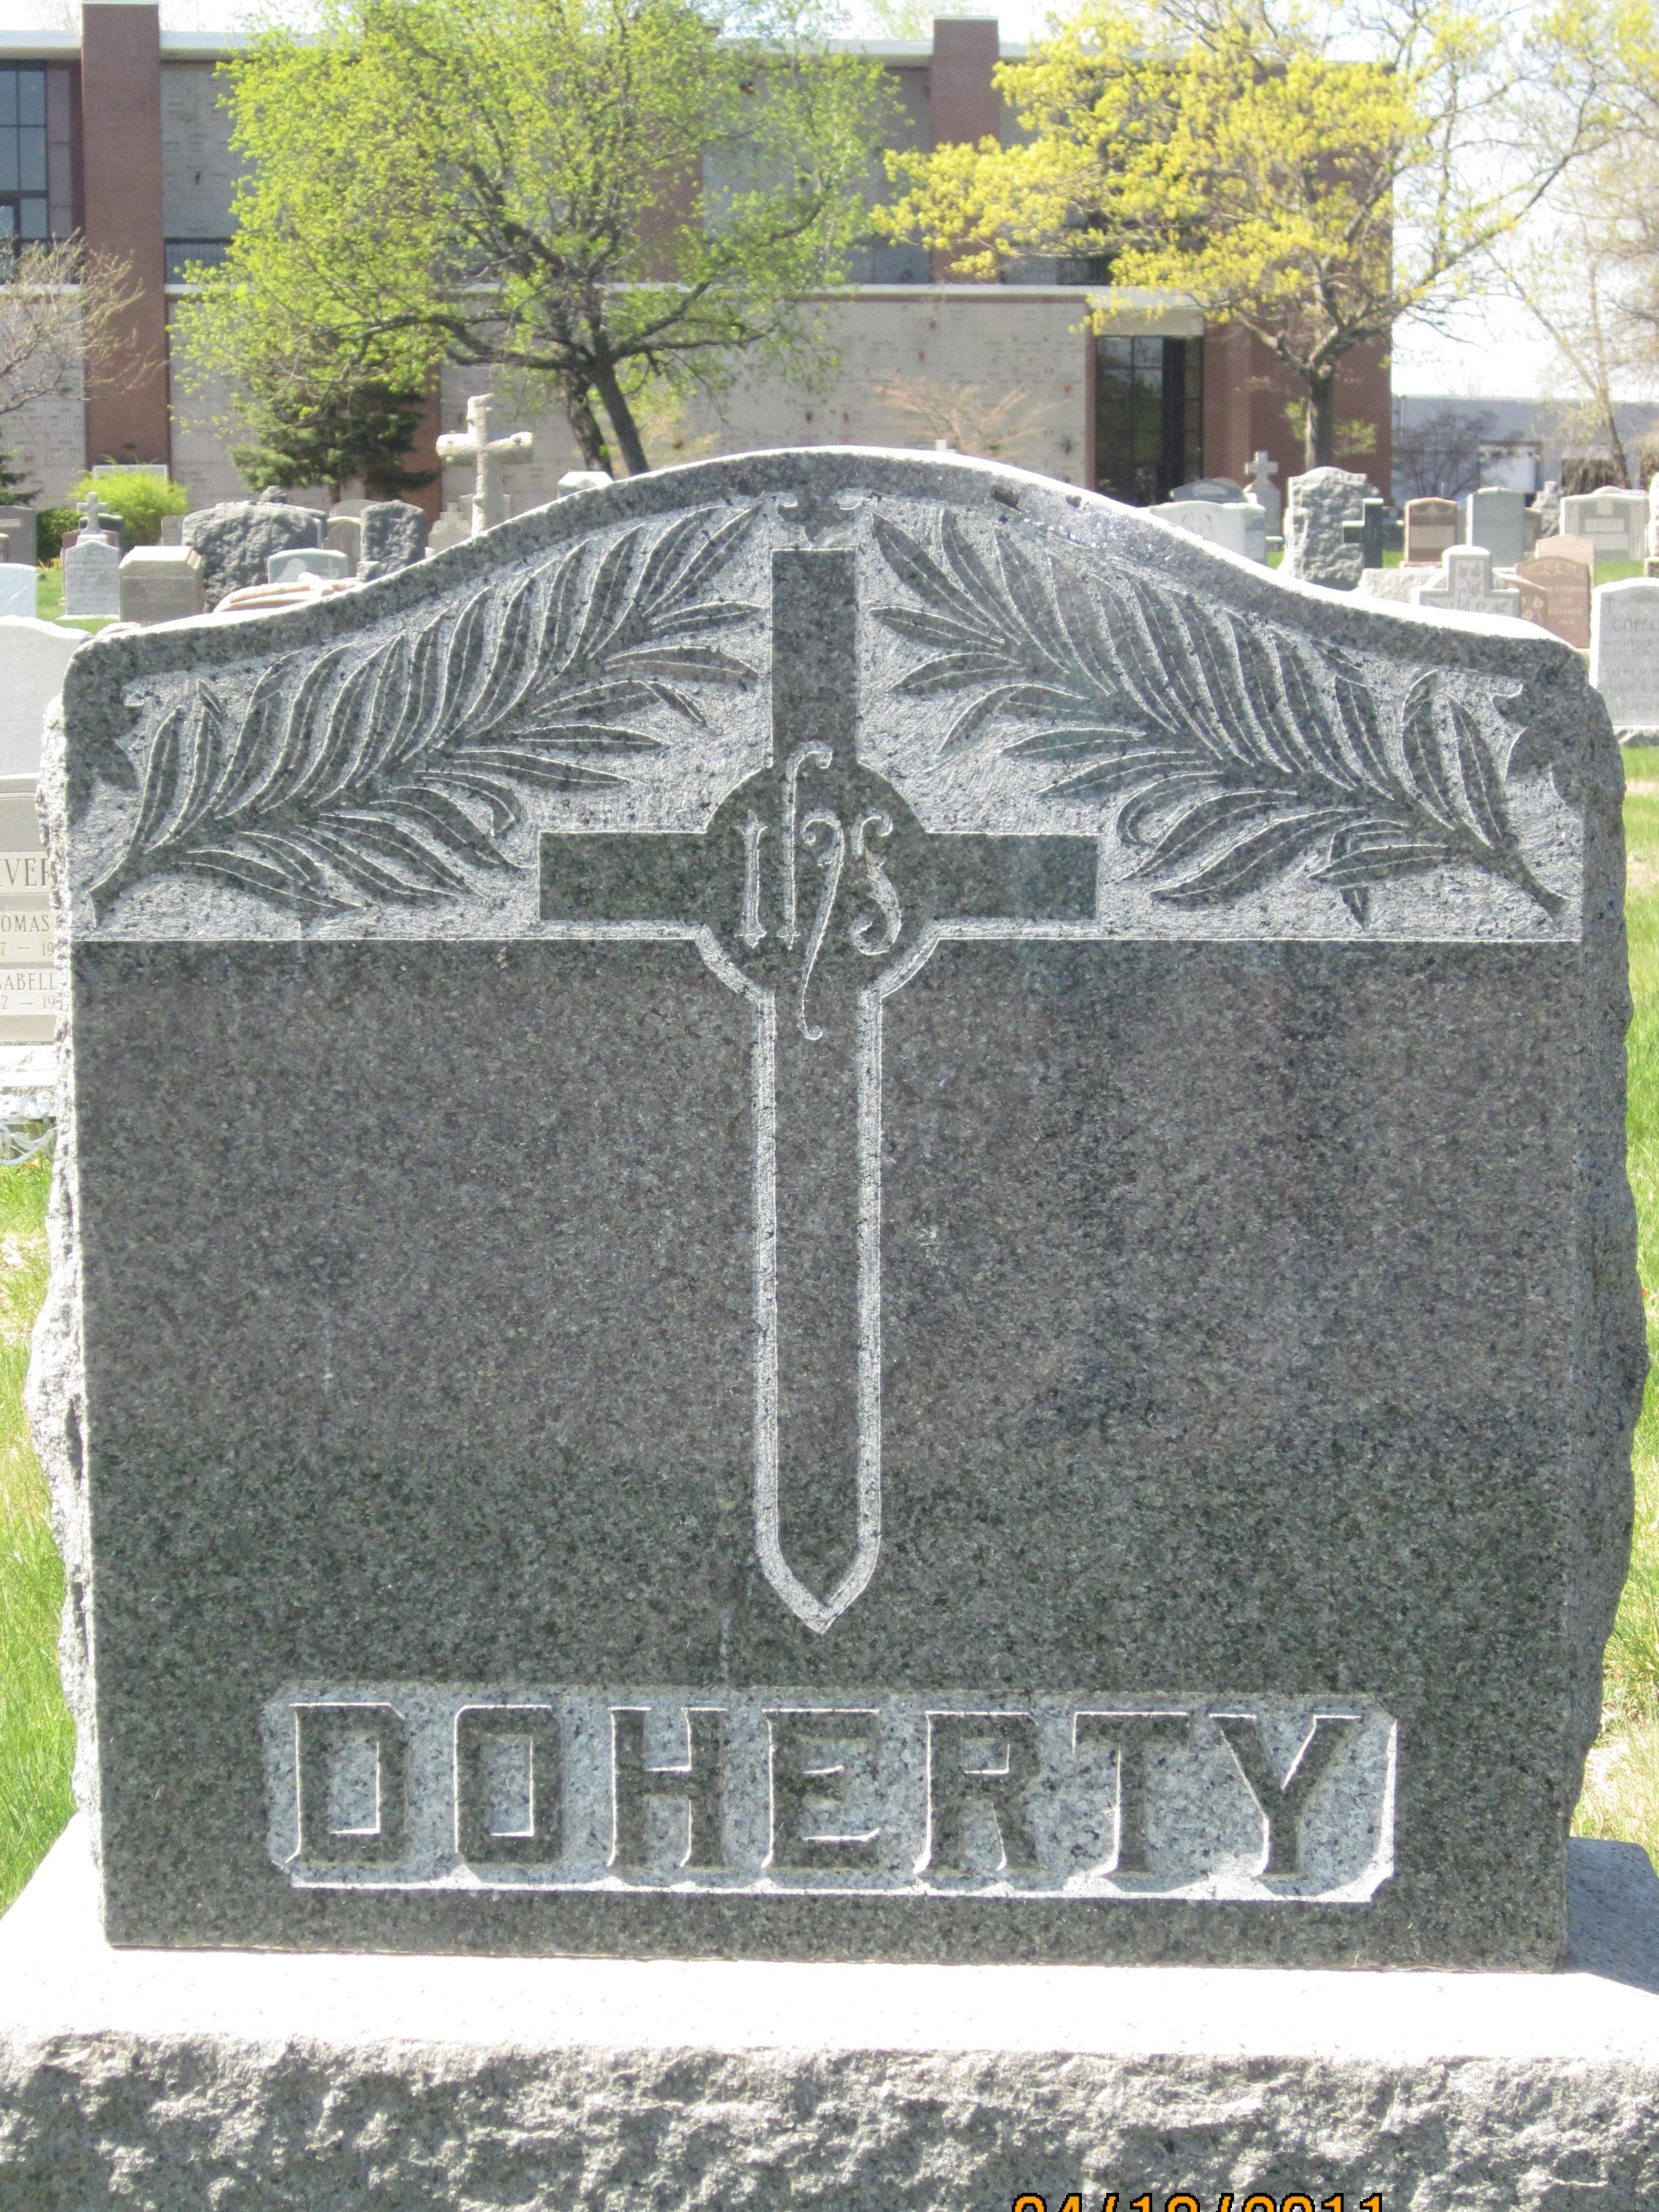 Addison Doherty